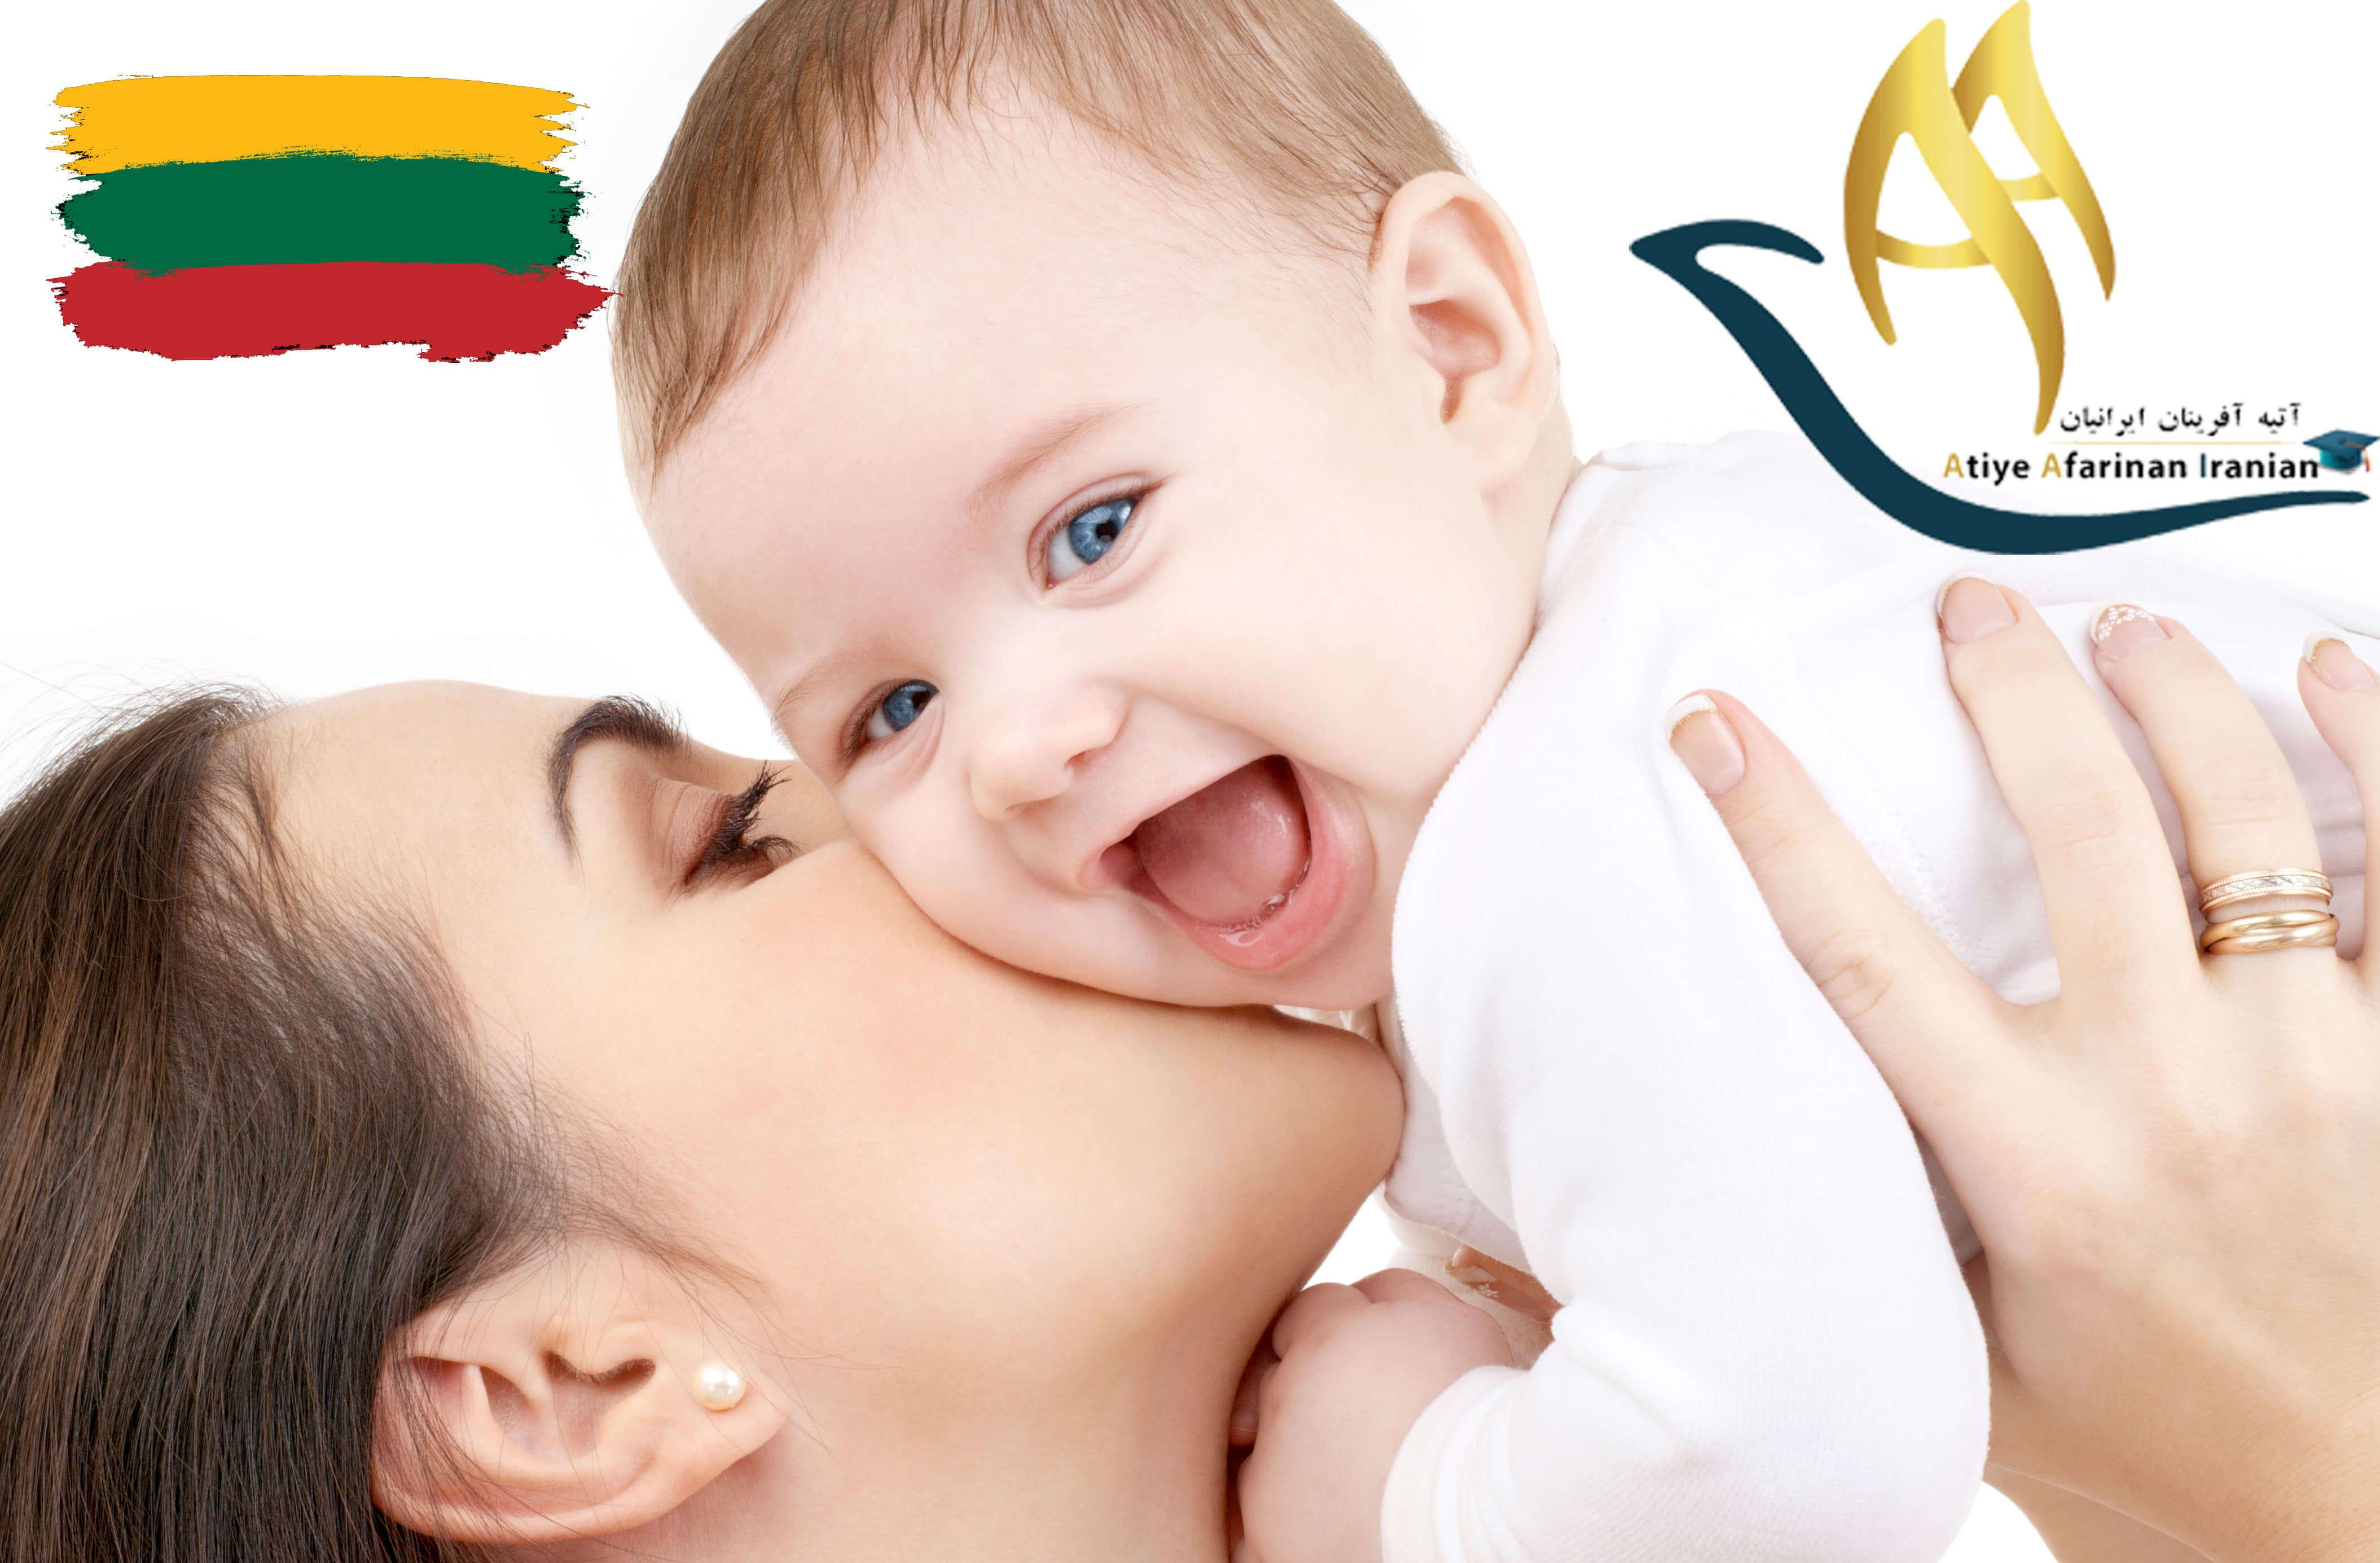 تولد فرزند در لیتوانی